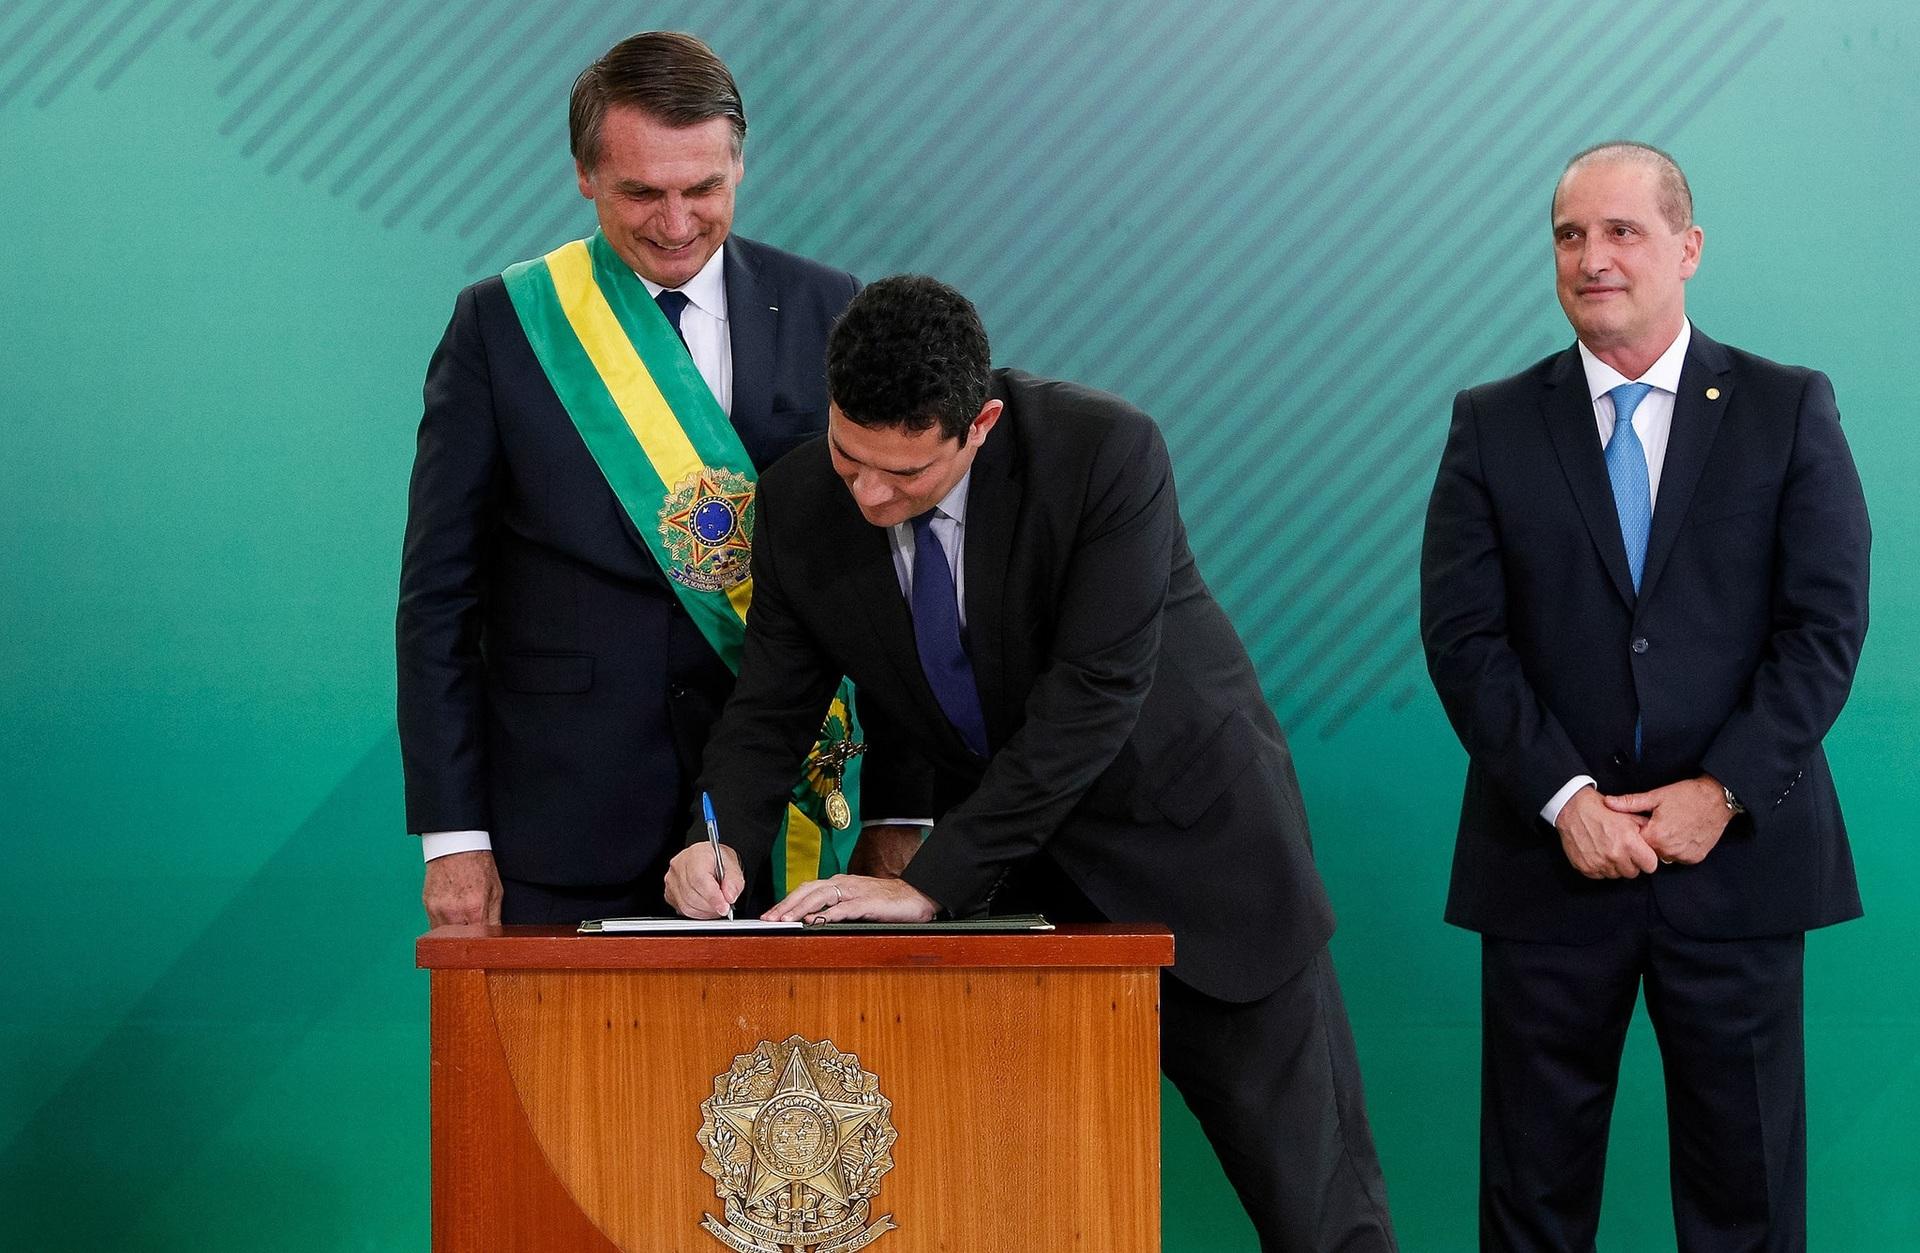 Sérgio Moro, assume cargo como ministro da Justiça e Segurança Publica do governo Bolsonaro.